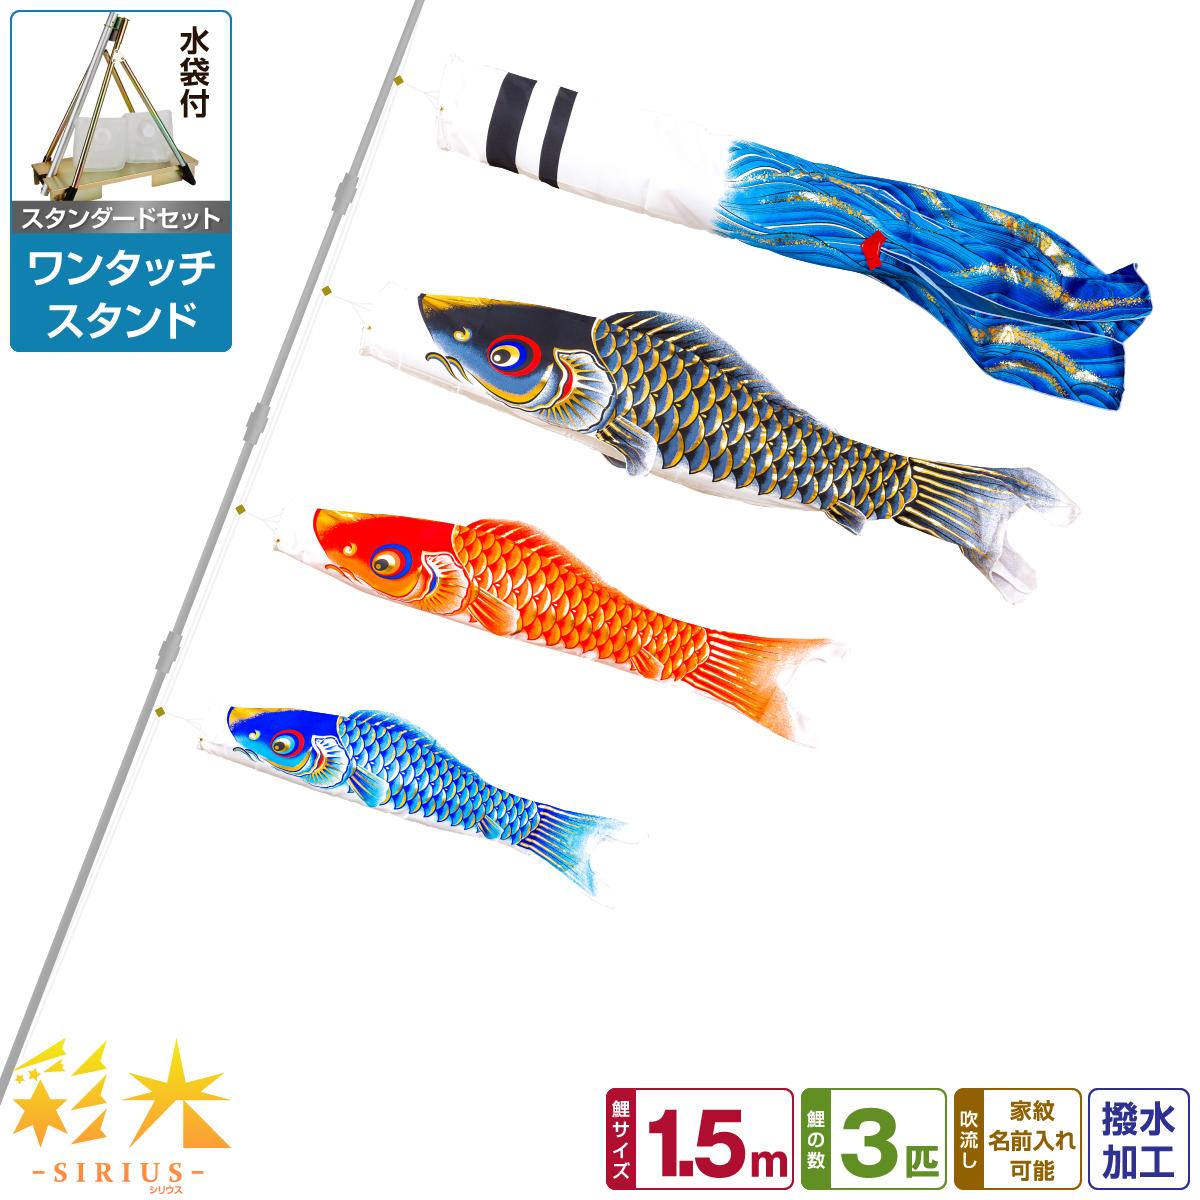 ベランダ用 こいのぼり 鯉のぼり SIRIUS/彩光鯉 1.5m 6点(吹流し+鯉3匹+矢車+ロープ)/スタンダードセット(ワンタッチスタンド)